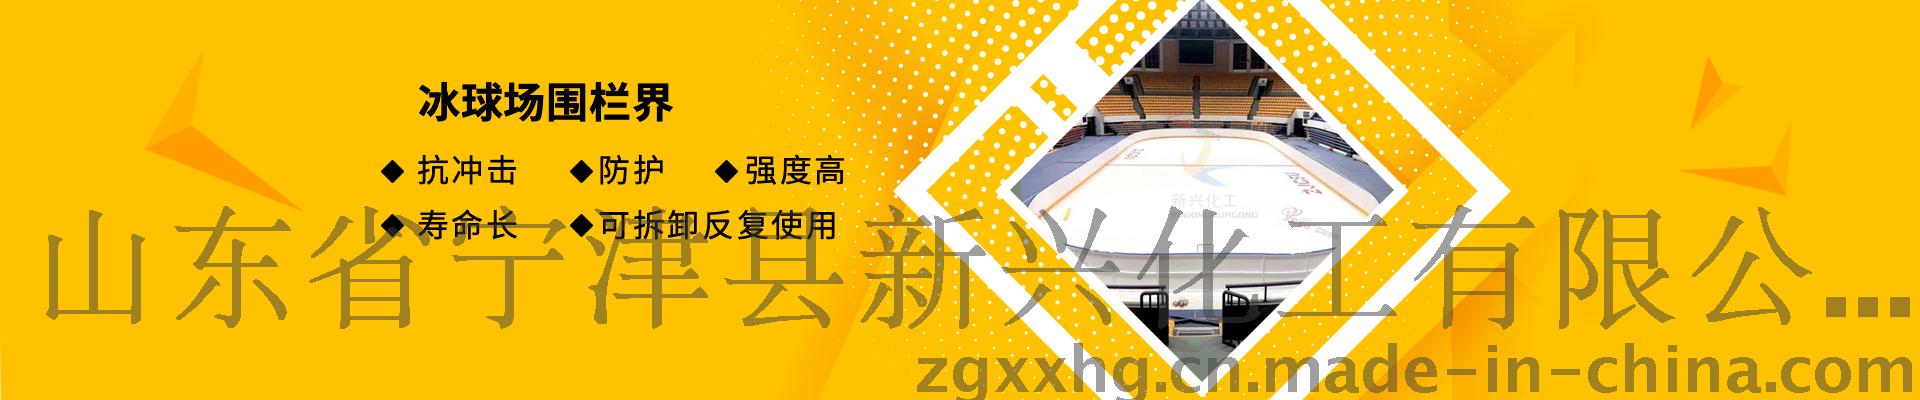 山东省宁津县新兴化工有限公司